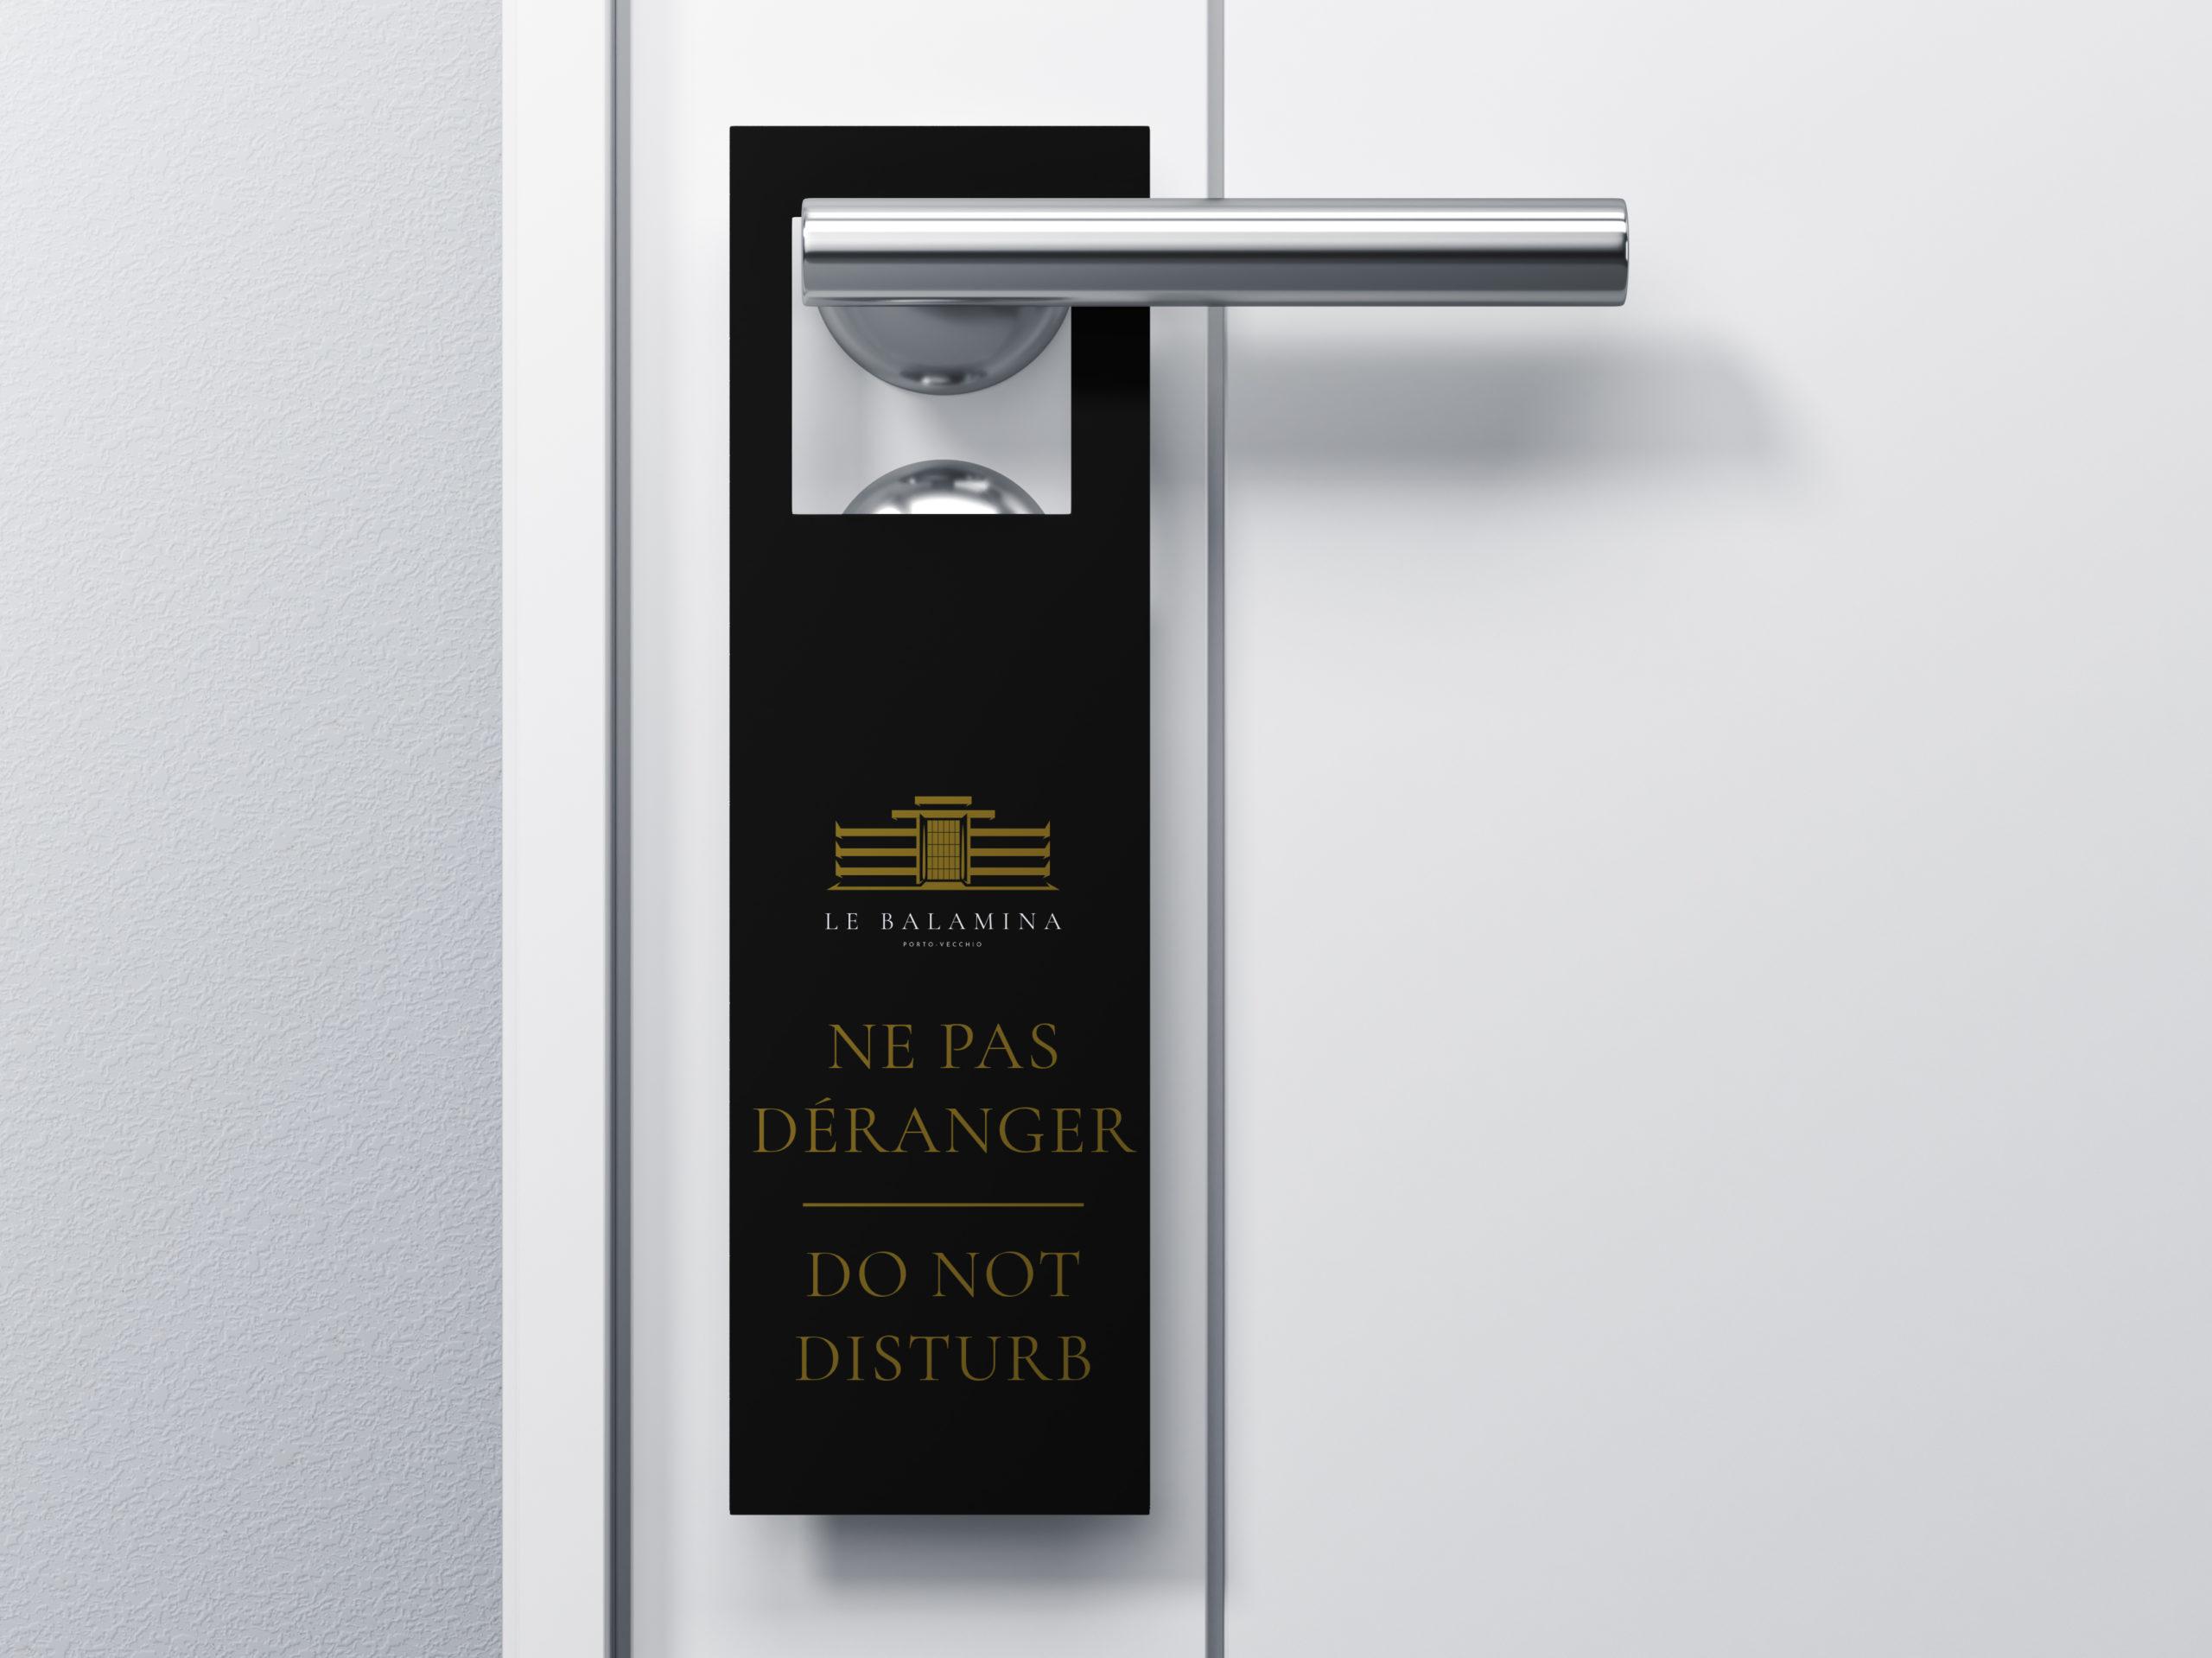 accroche-porte-hotel-luxe-corse-communication